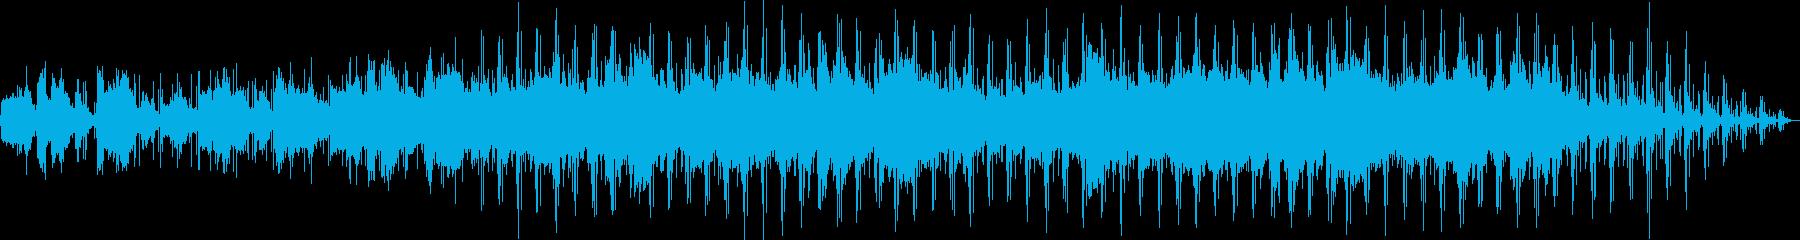 中国の笛が心地よいヒーリングニューエイジの再生済みの波形